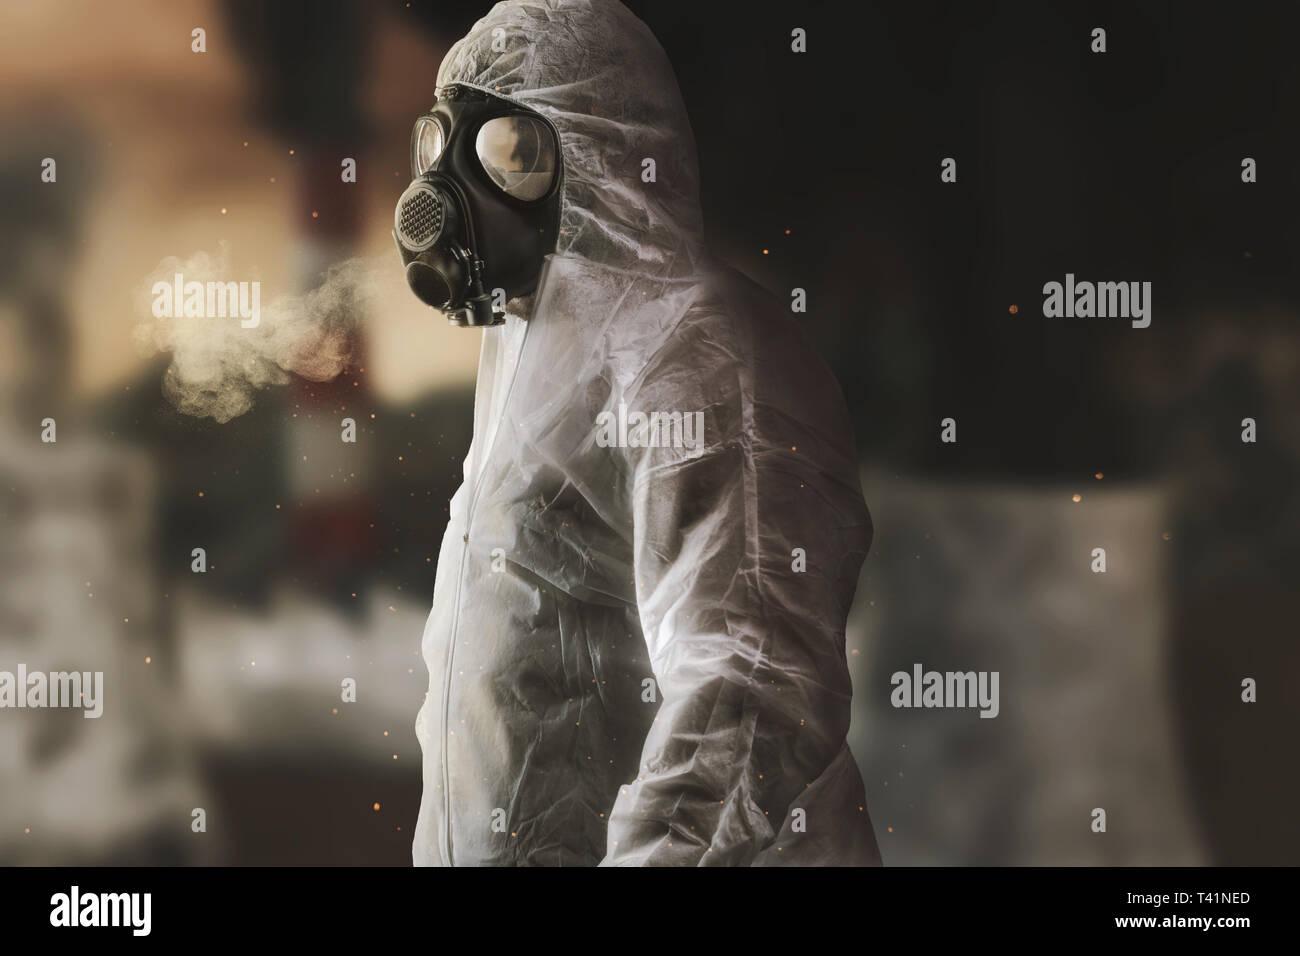 Sopravvissuto con camice bianco e maschera a gas nella parte anteriore di offuscata impianto di incenerimento e ambiente apocalittico Immagini Stock